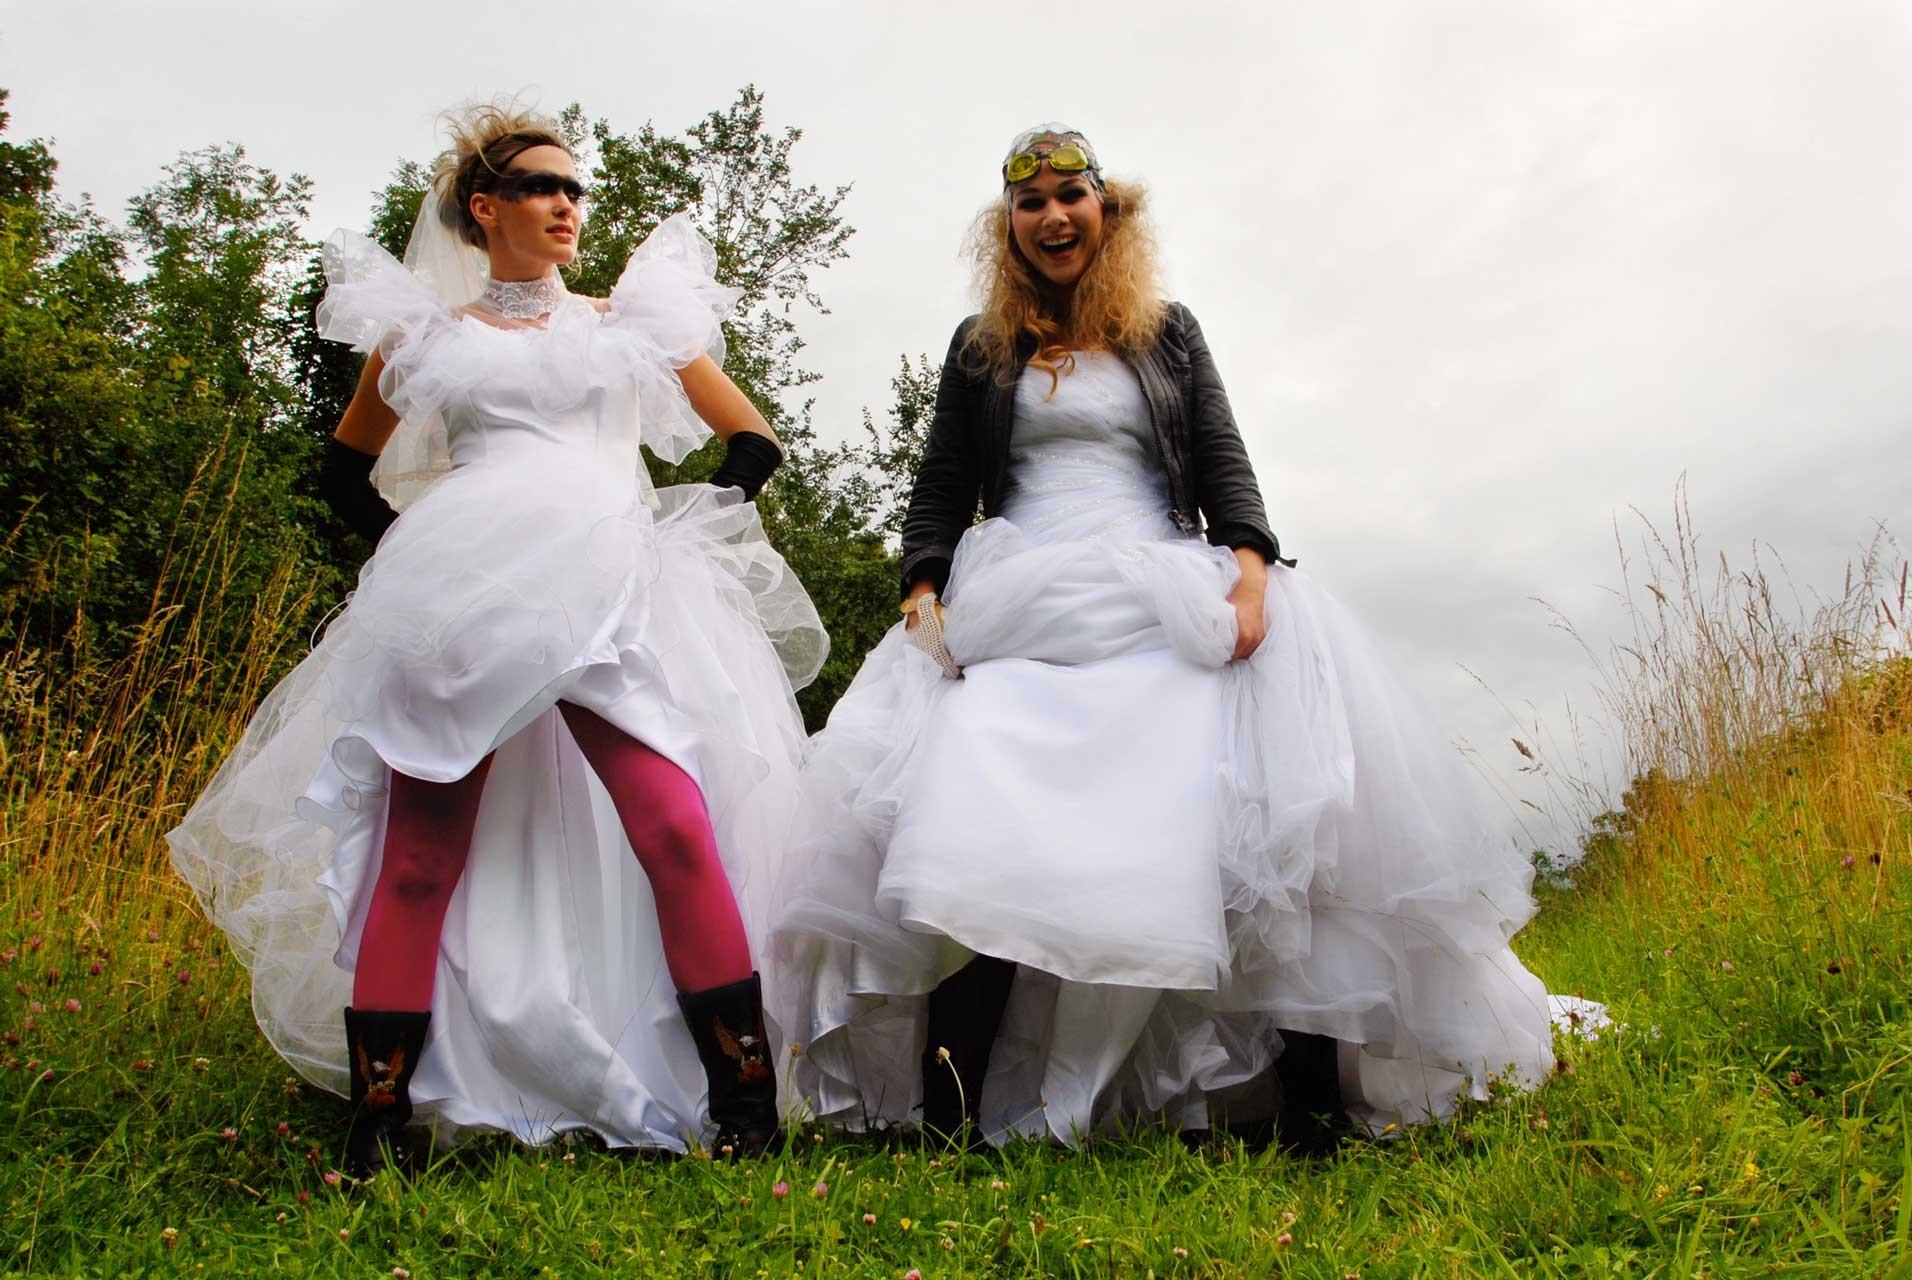 Laure-Maud_16_photographe_mode-ethique-fashion-DIY_100-pour-100-recyle